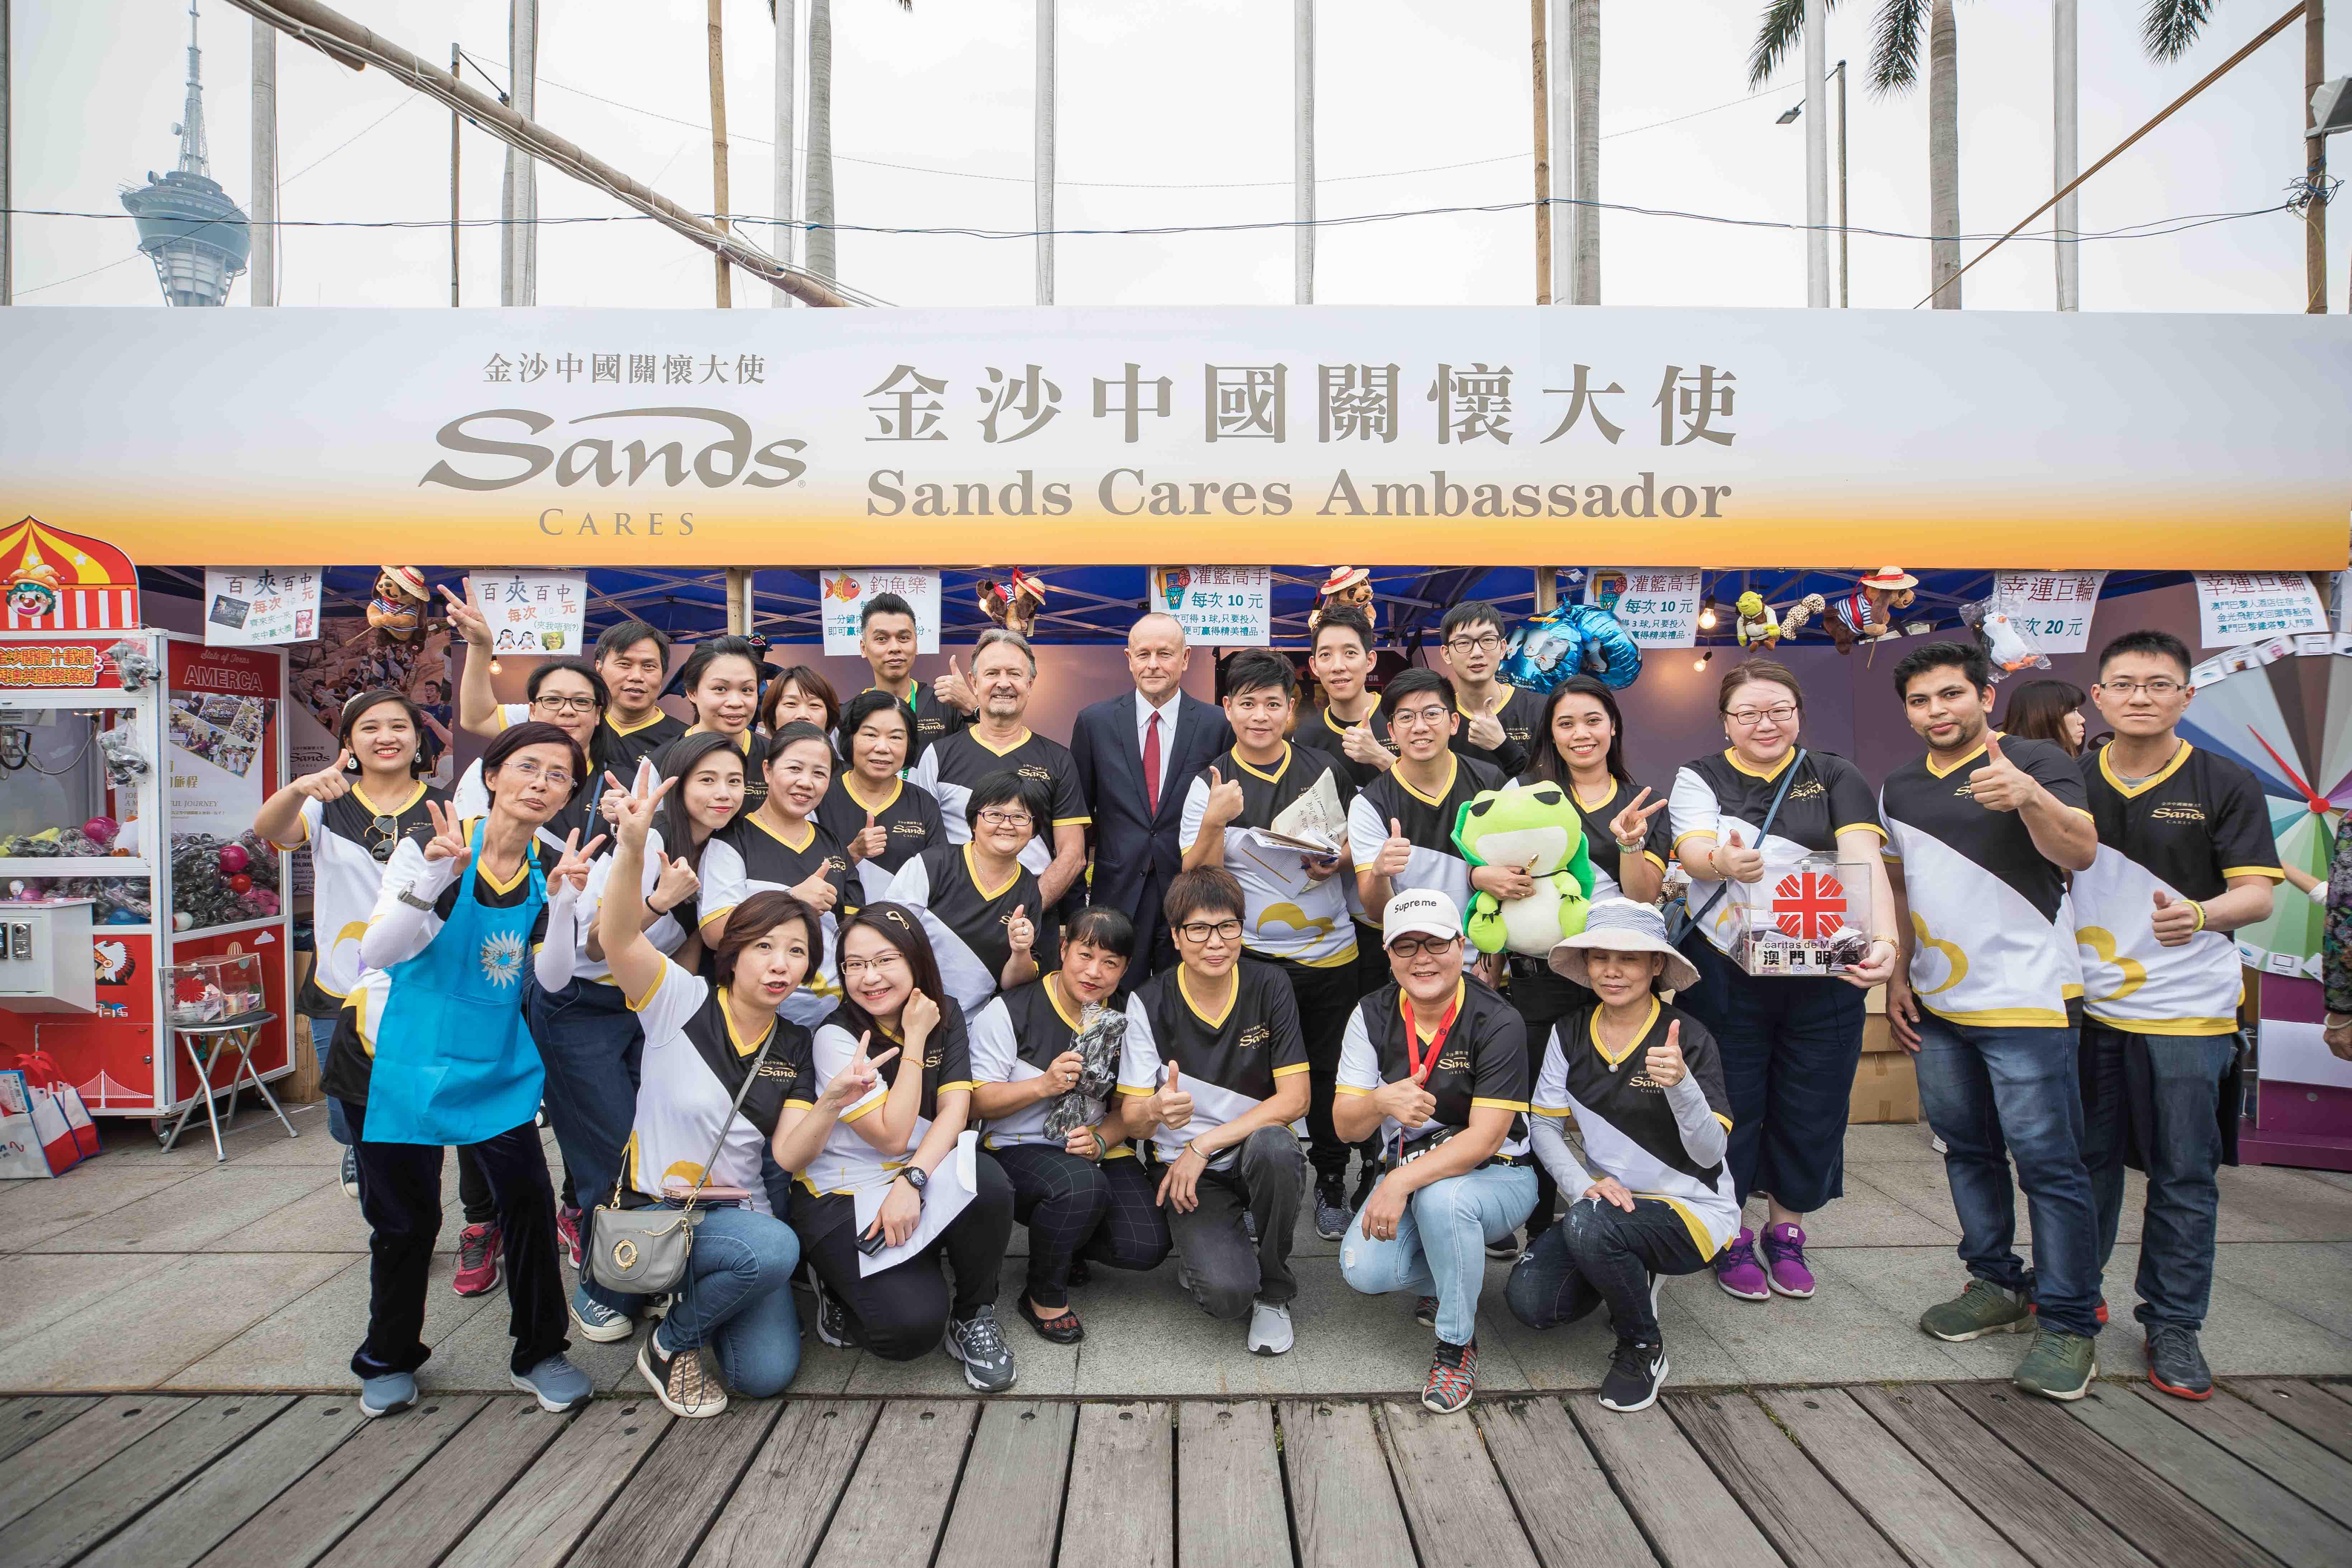 CARITAS MACAU CHARITY BAZAAR -Sands China